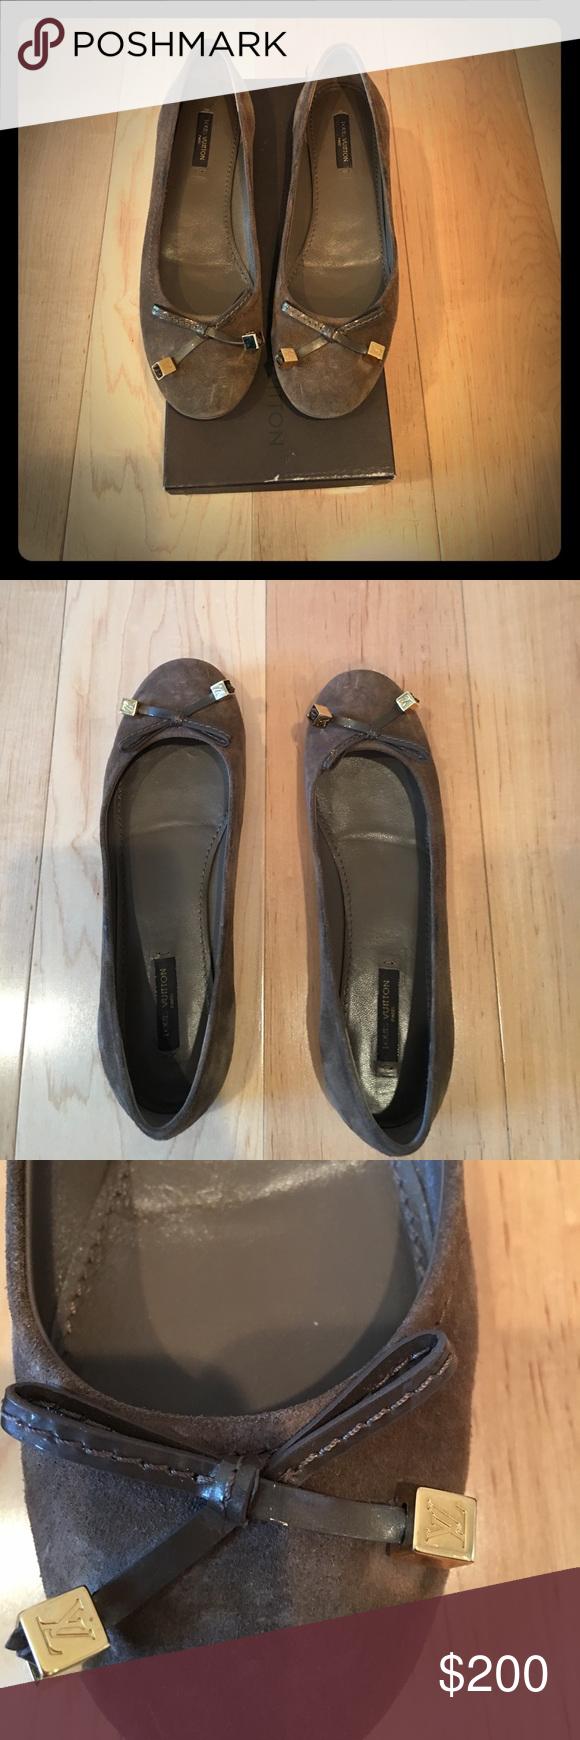 0a4aff56bd36 Louis Vuitton Ballerina Flats Ballerina Flats